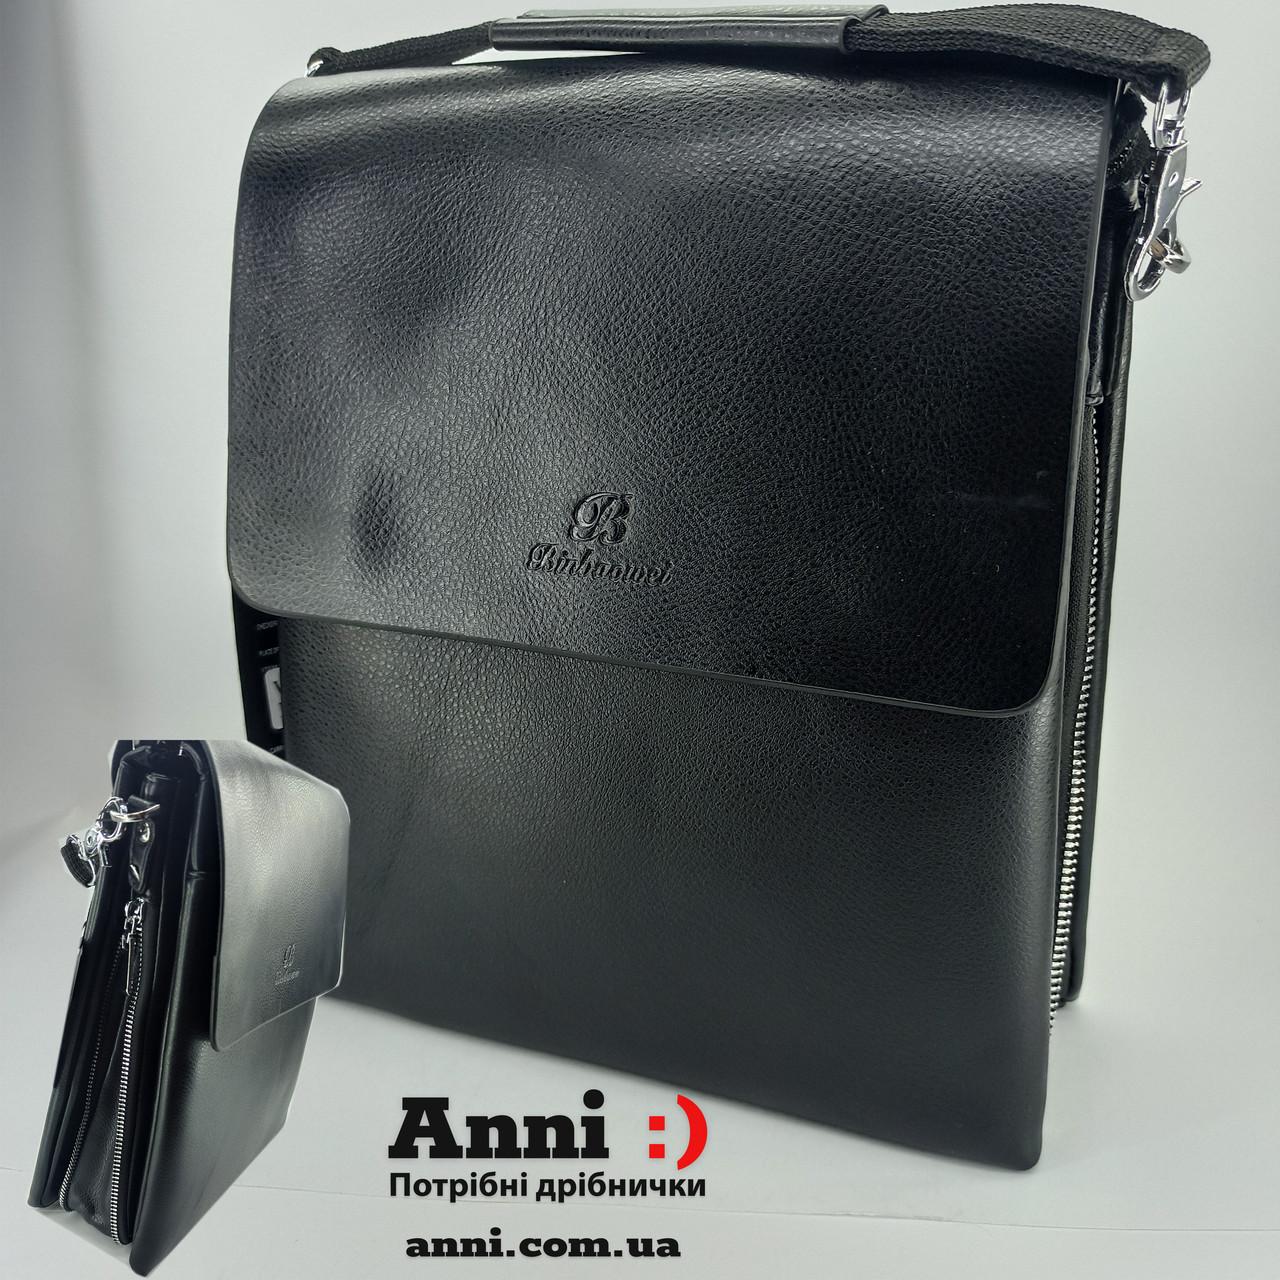 Мужская кожаная сумка через плечо 28 см*22 см Модель: V501-4